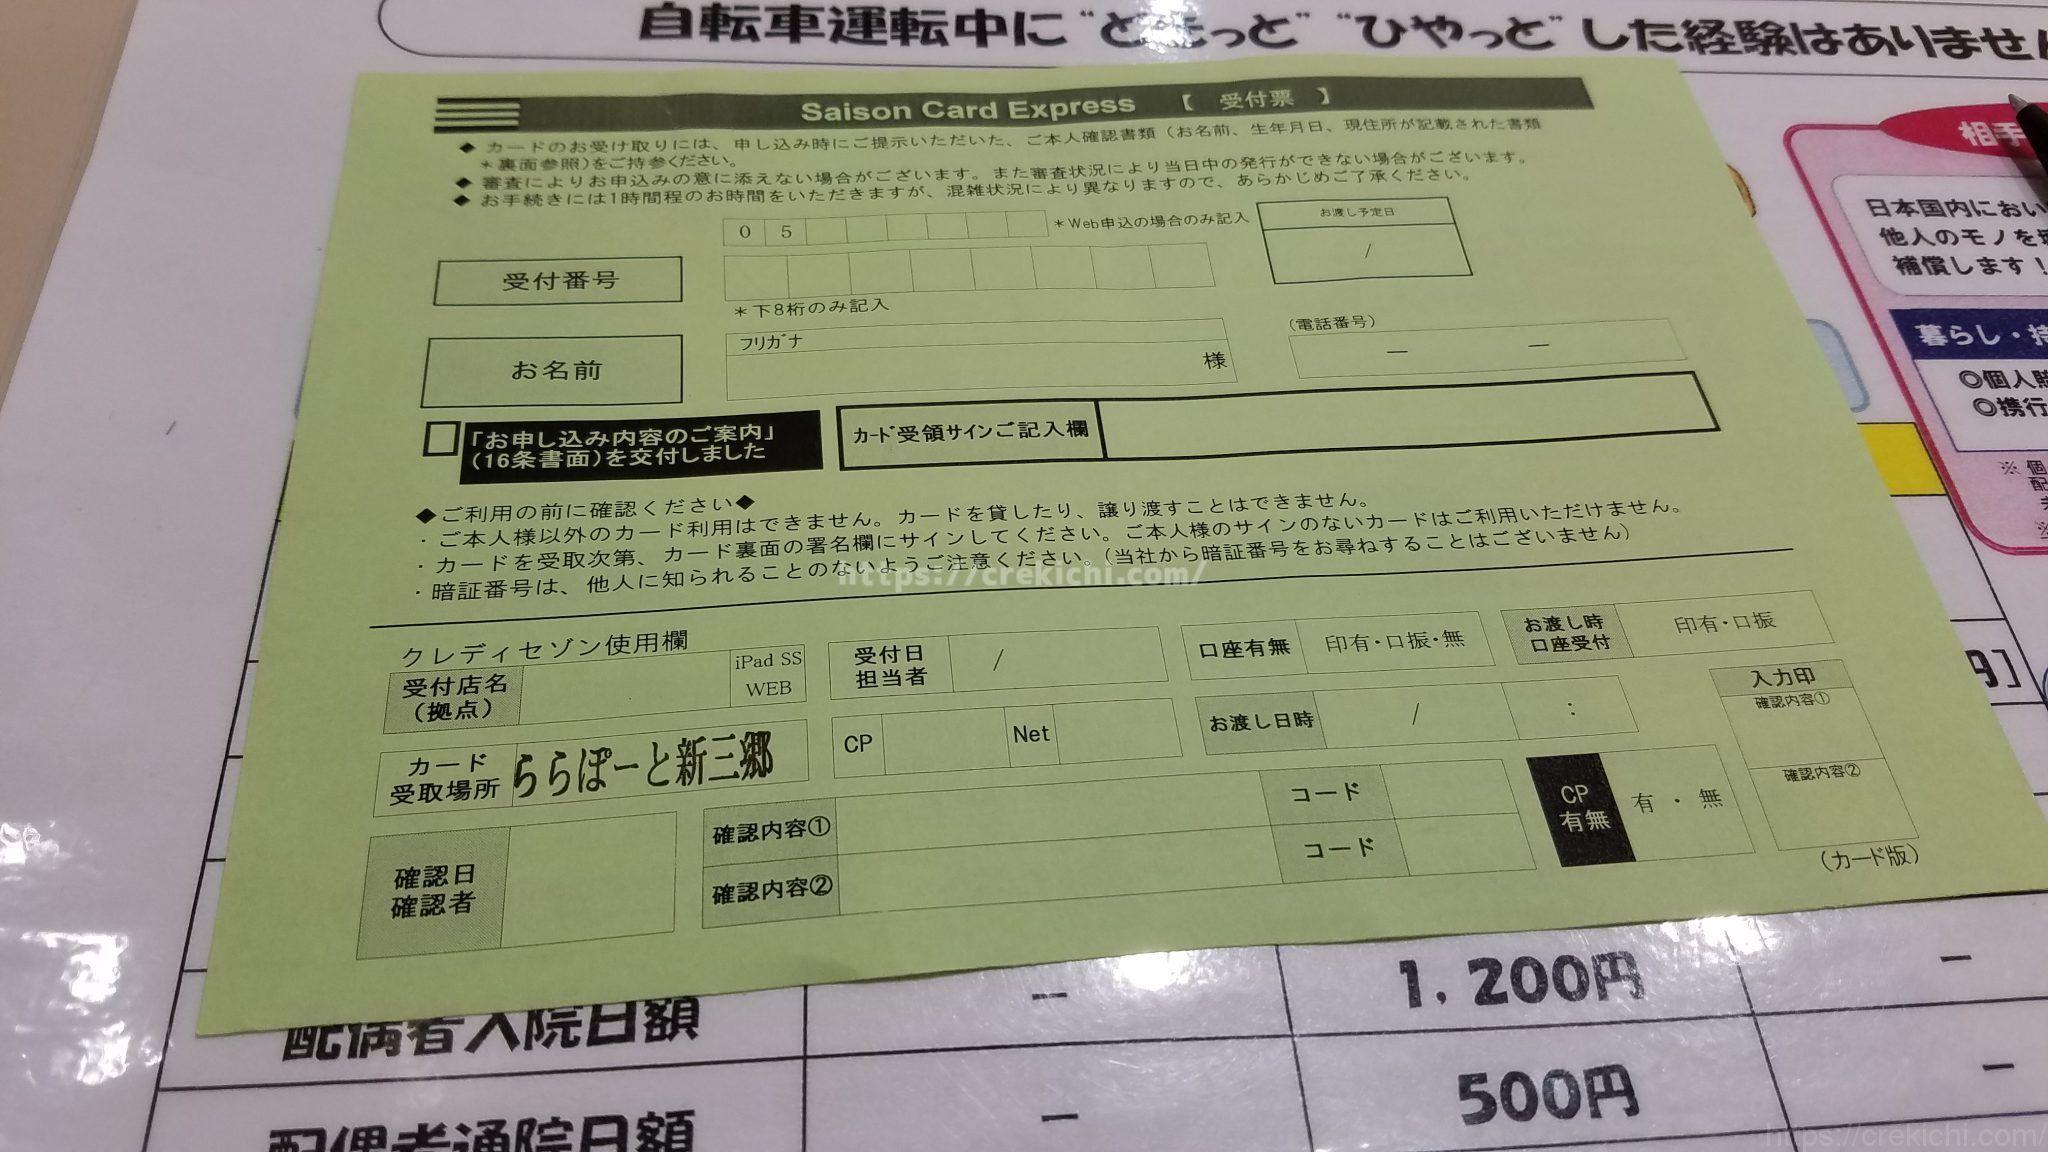 受付票の入力